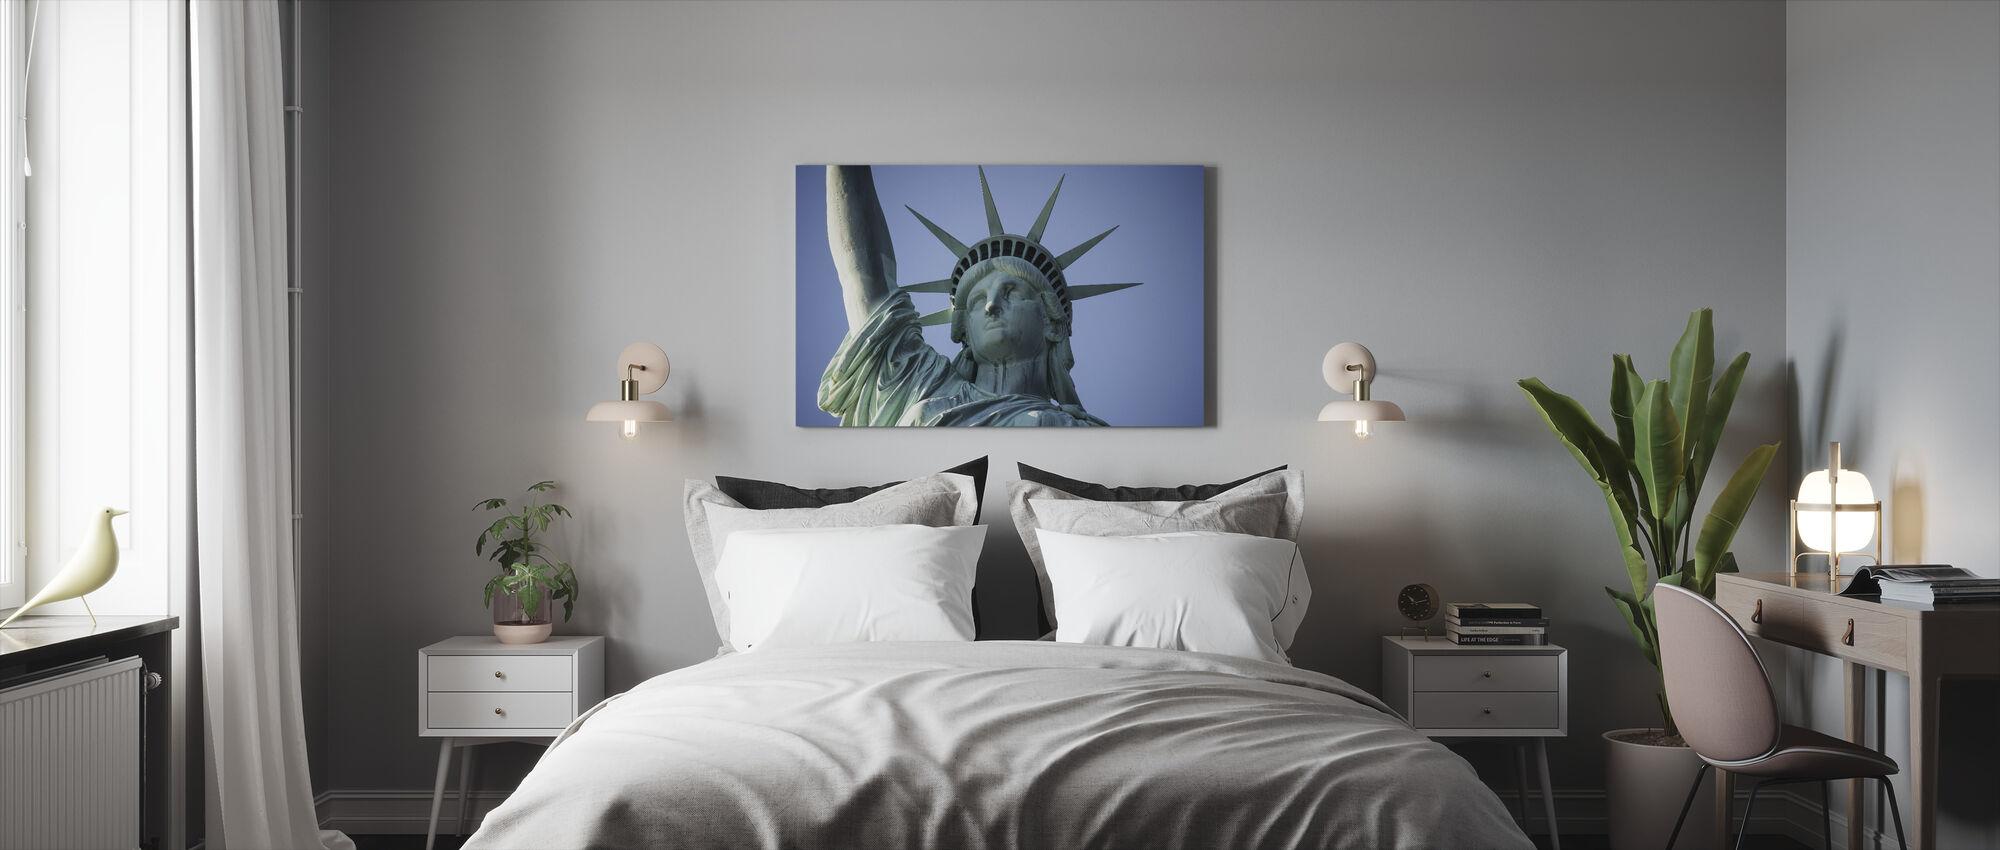 Vrijheidsbeeld - Canvas print - Slaapkamer